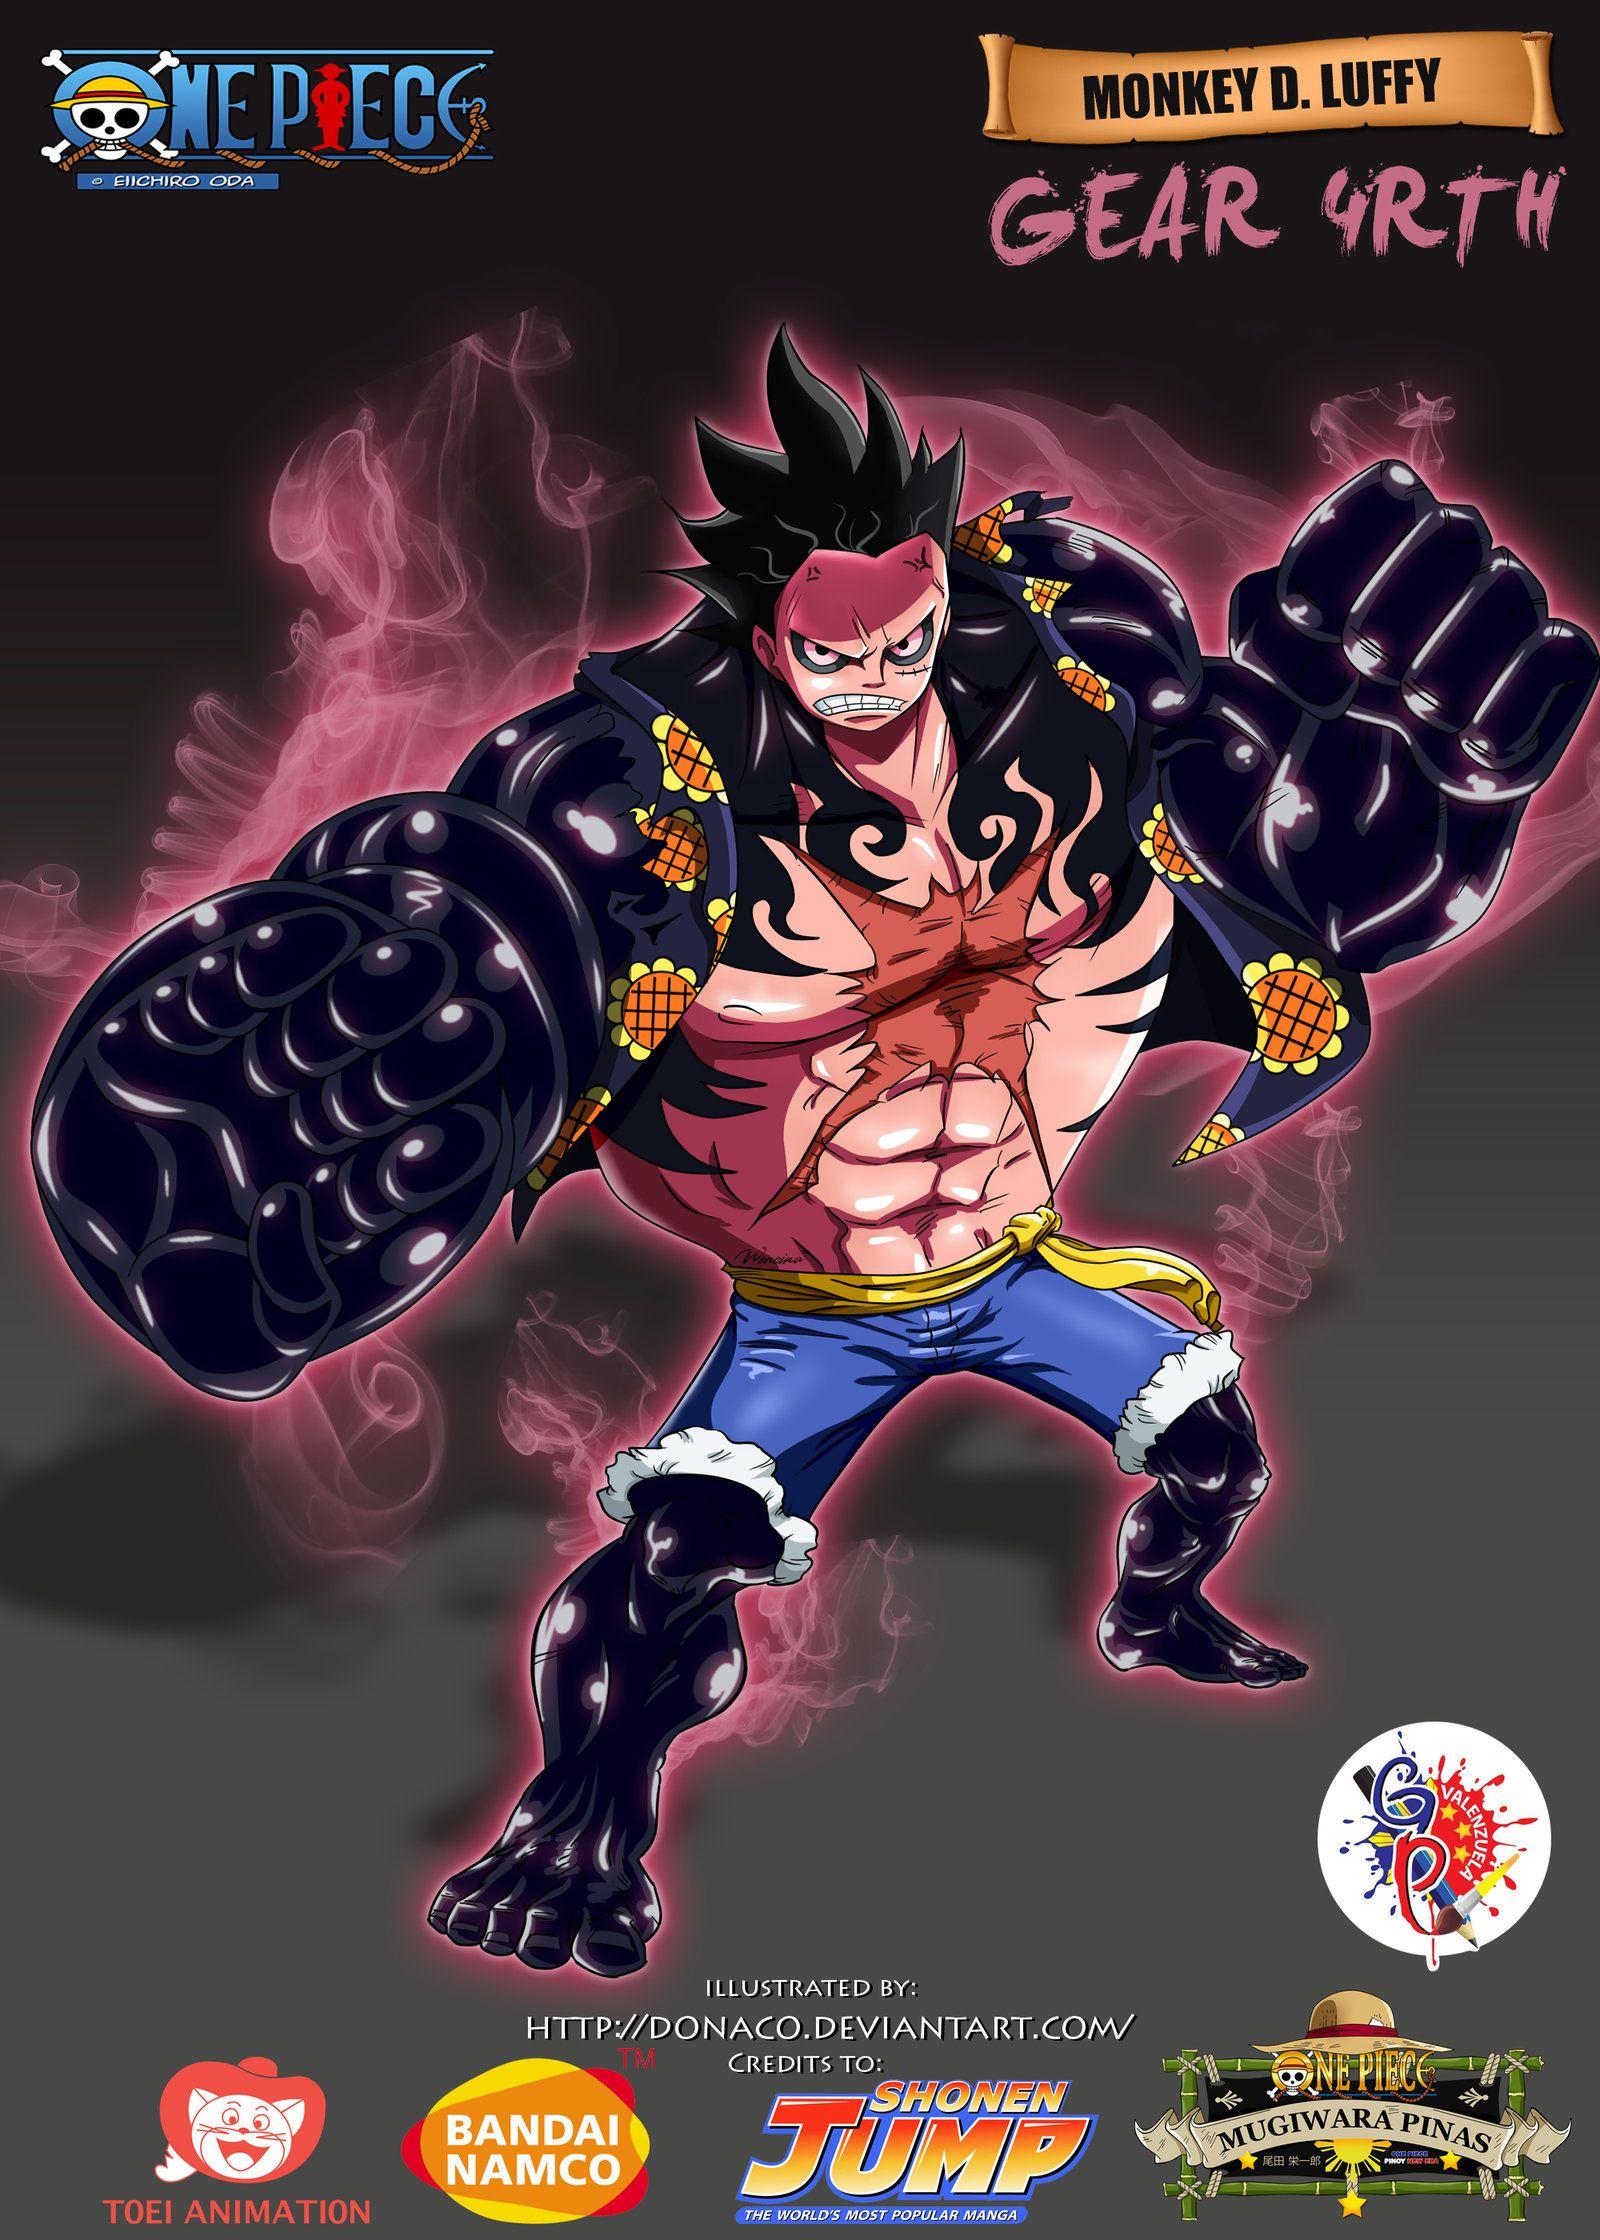 Luffy Gear 4 Tattoo: Monkey D. Luffy Gear 4rth By Donaco.deviantart.com On